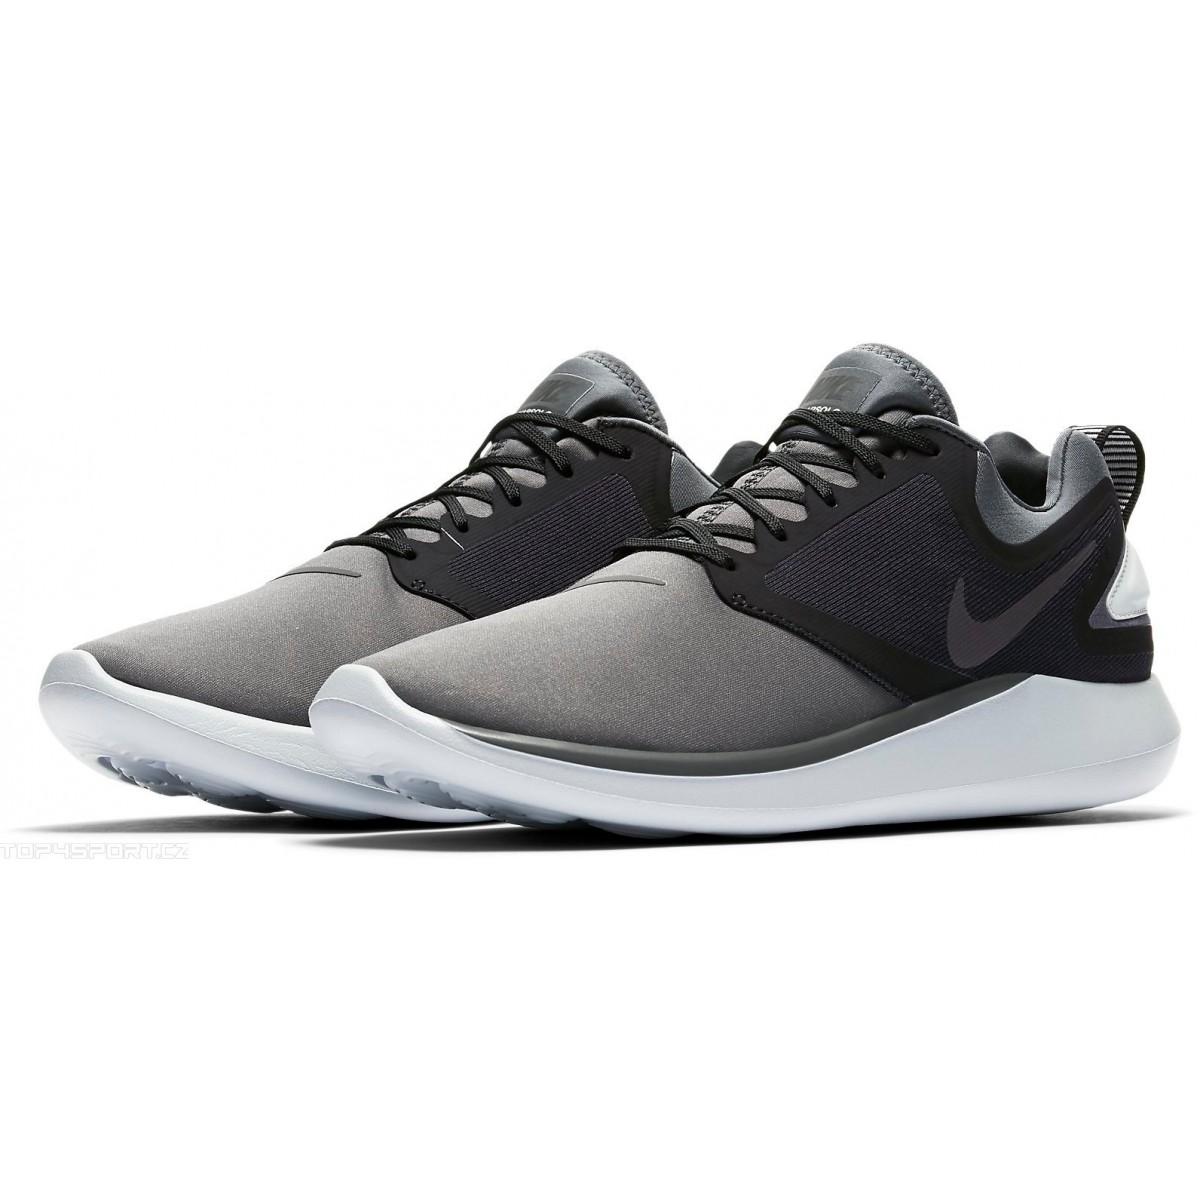 official photos bfb25 dc9de ... Nike LUNARSOLO Zapatillas Hombre AA4079 012 Negro-Gris ...